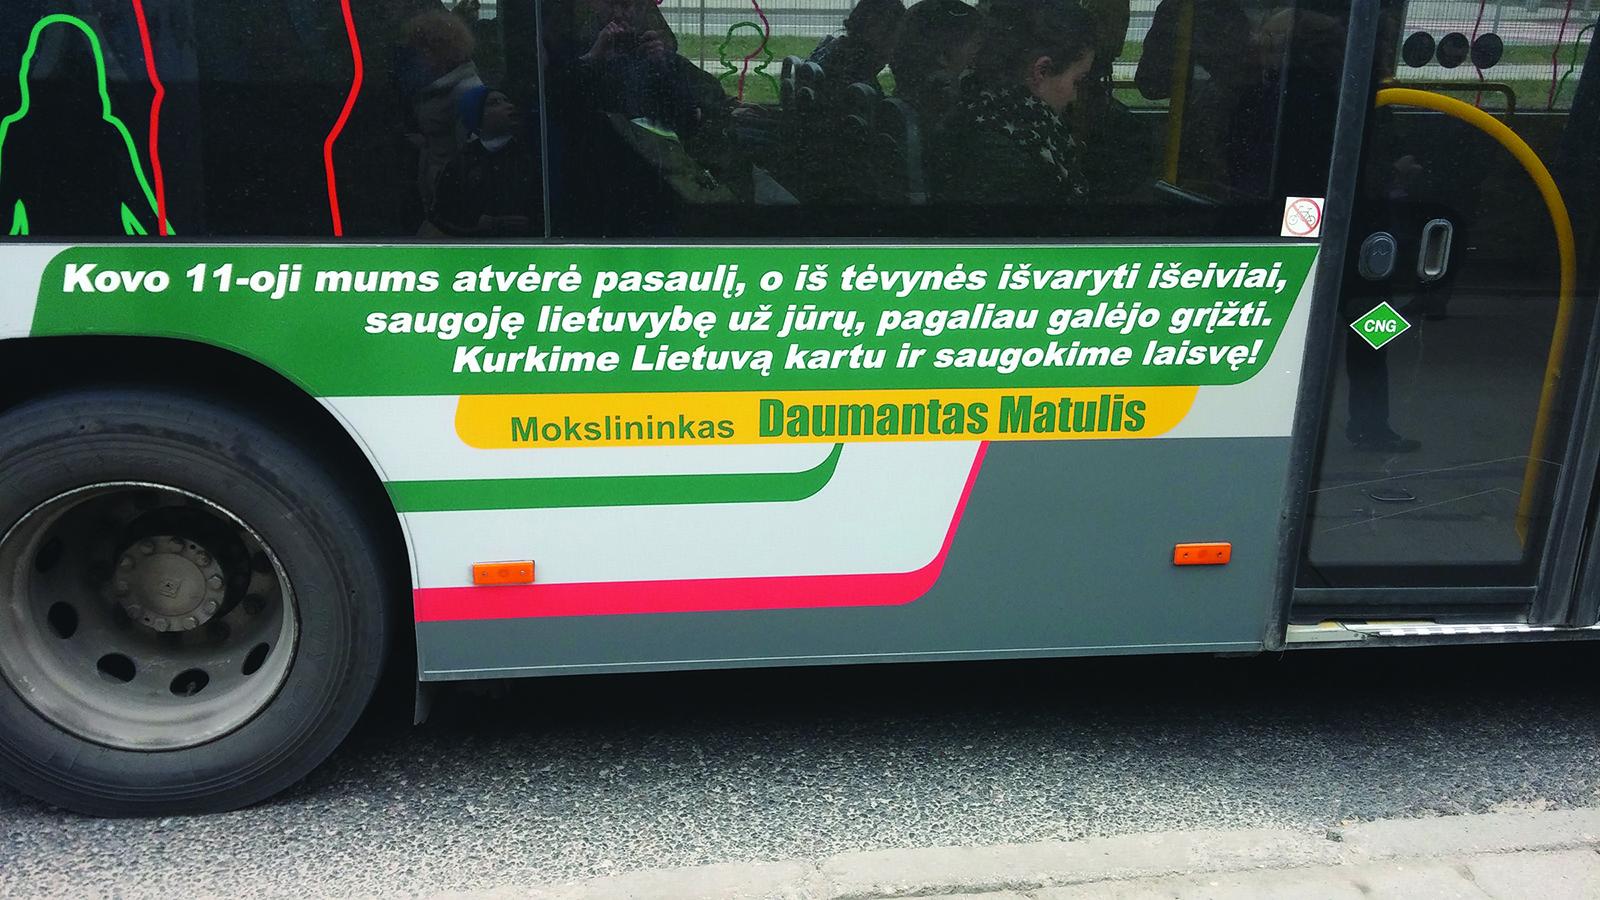 2016 m. kovo 11-ąją į Vilniaus gatves išriedėjo autobusai su žymių žmonių mintimis apie laisvę.